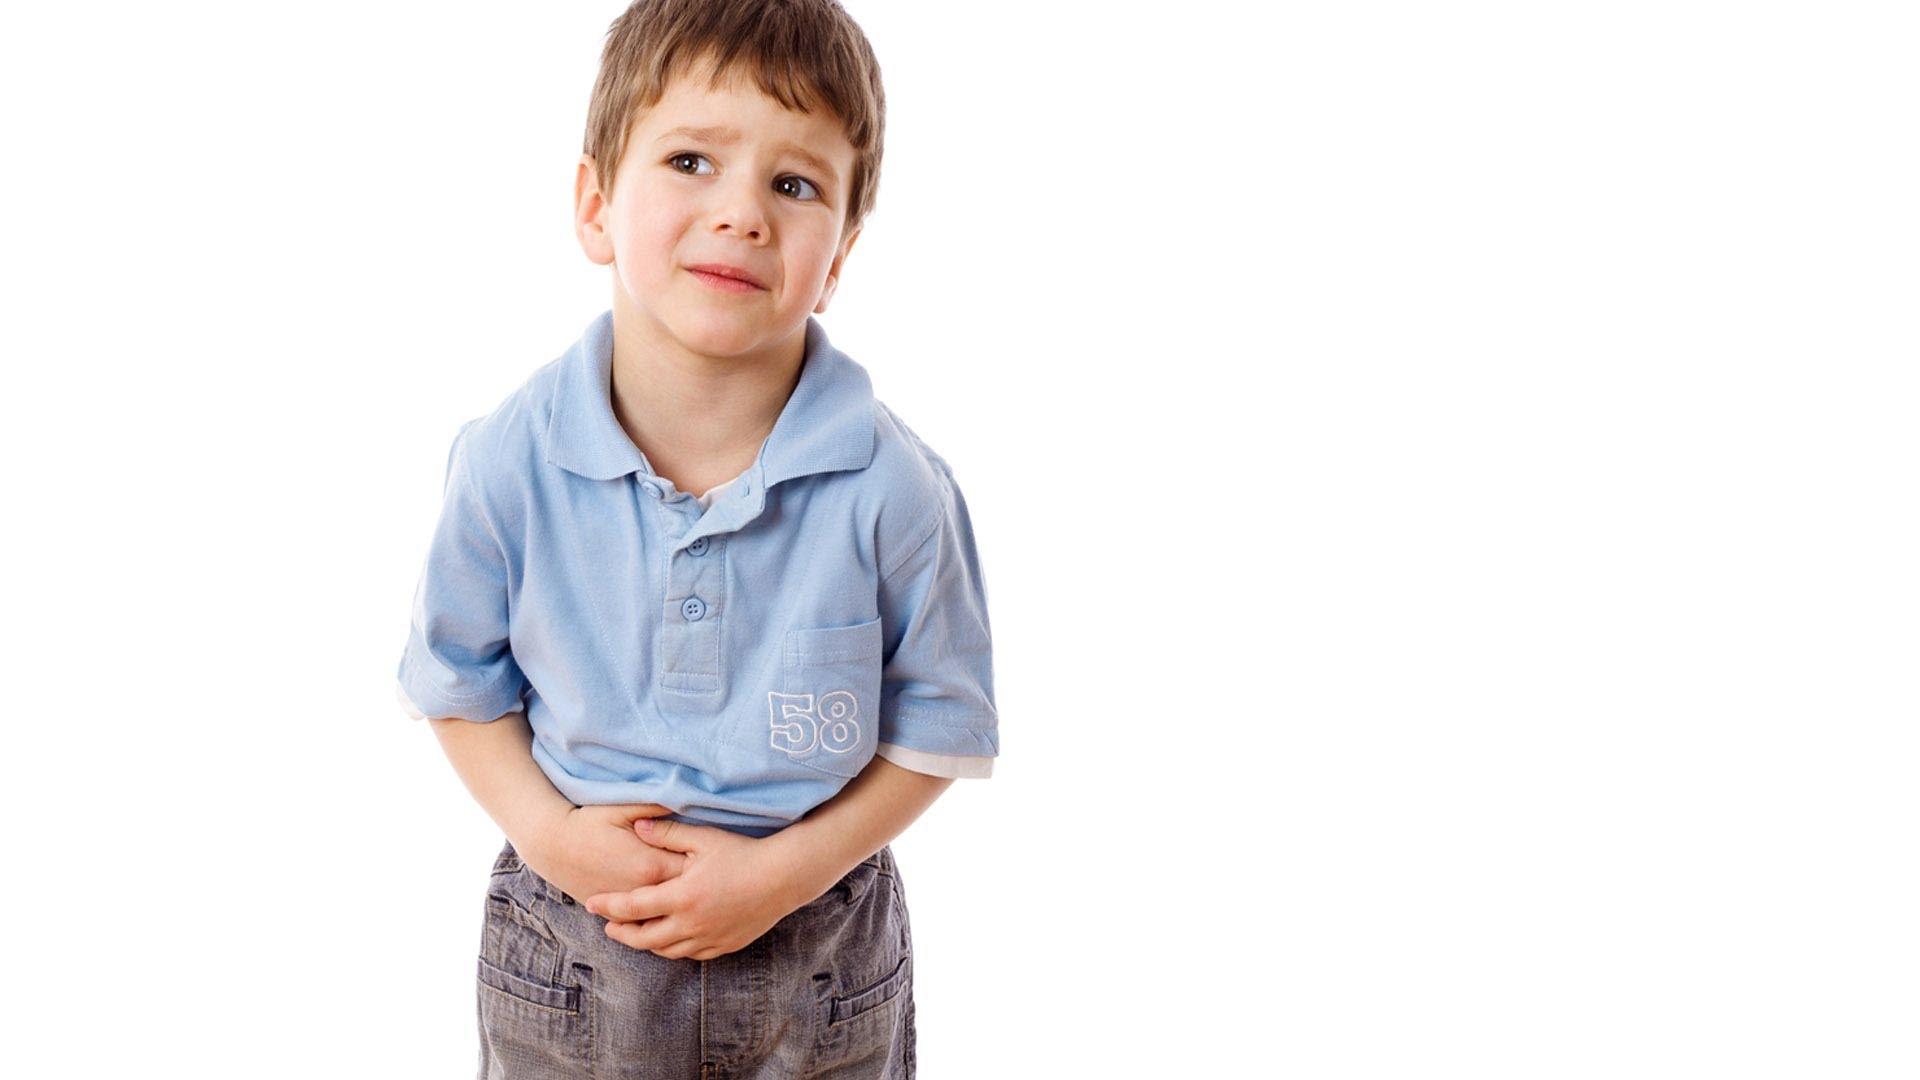 У ребенка болит живот понос что можно дать из лекарств